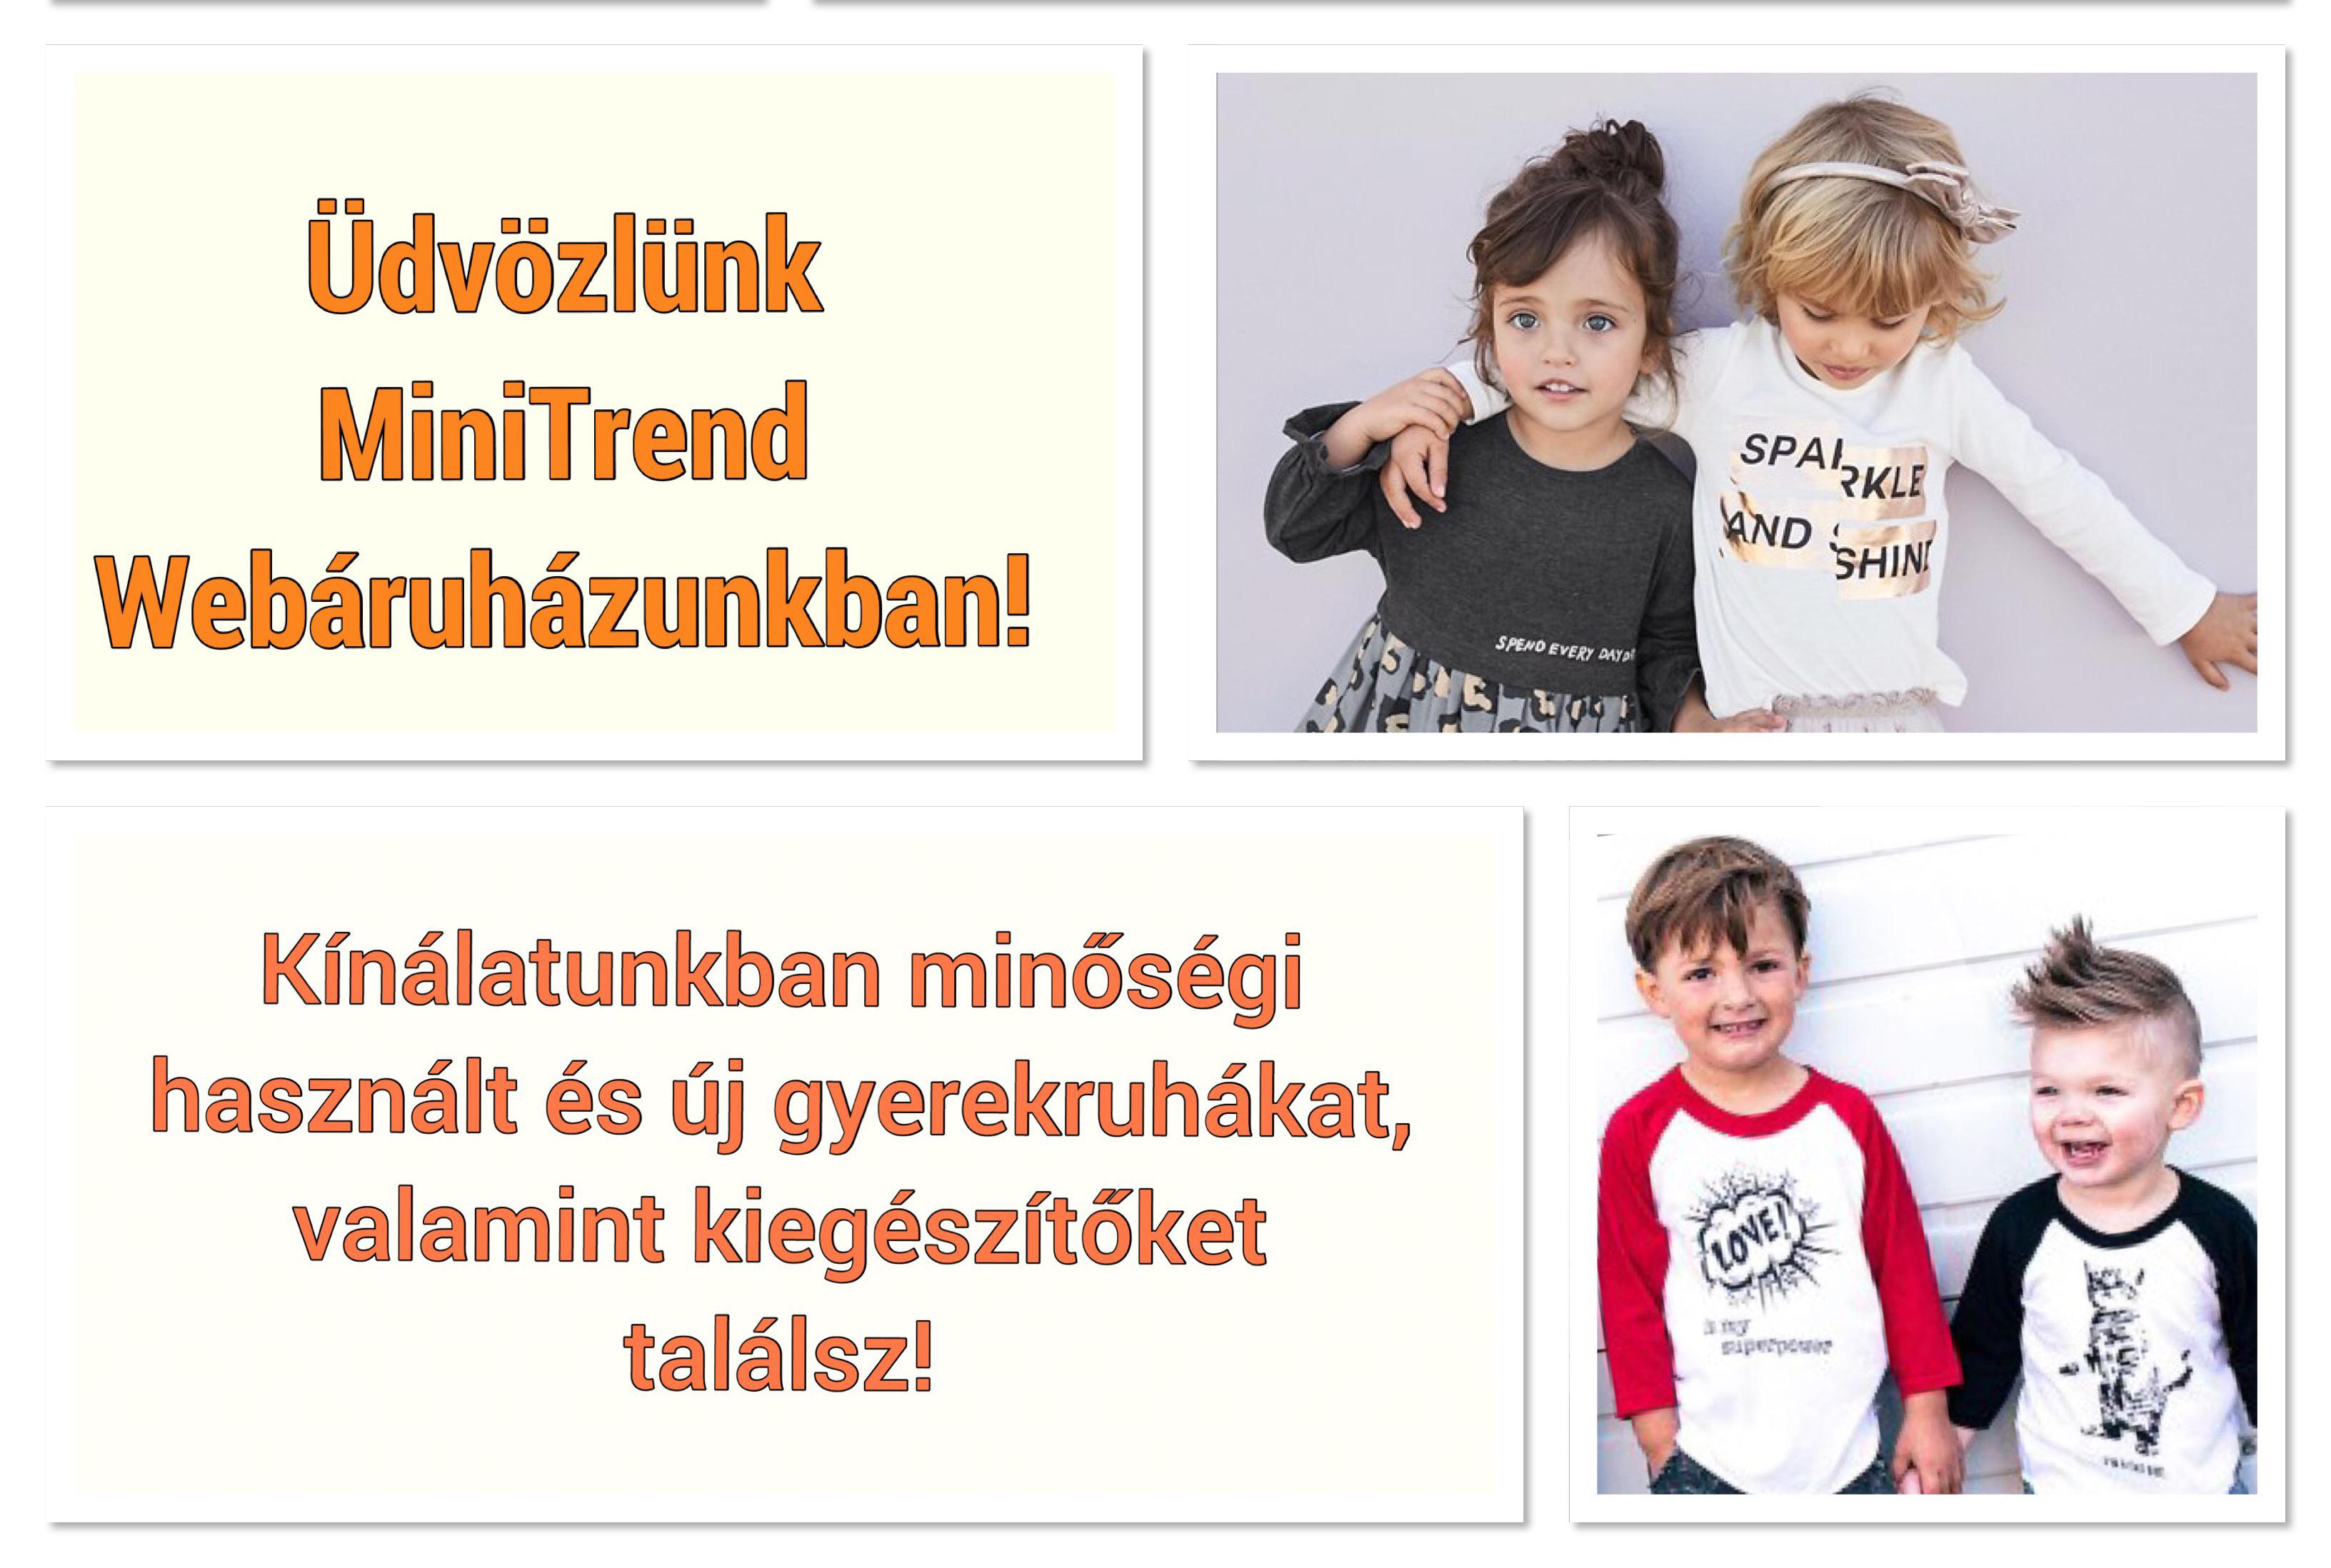 c60b2cf58e MiniTrend - Minőségi használt és új gyerekruha Webáruház, Babaruha Webáruház